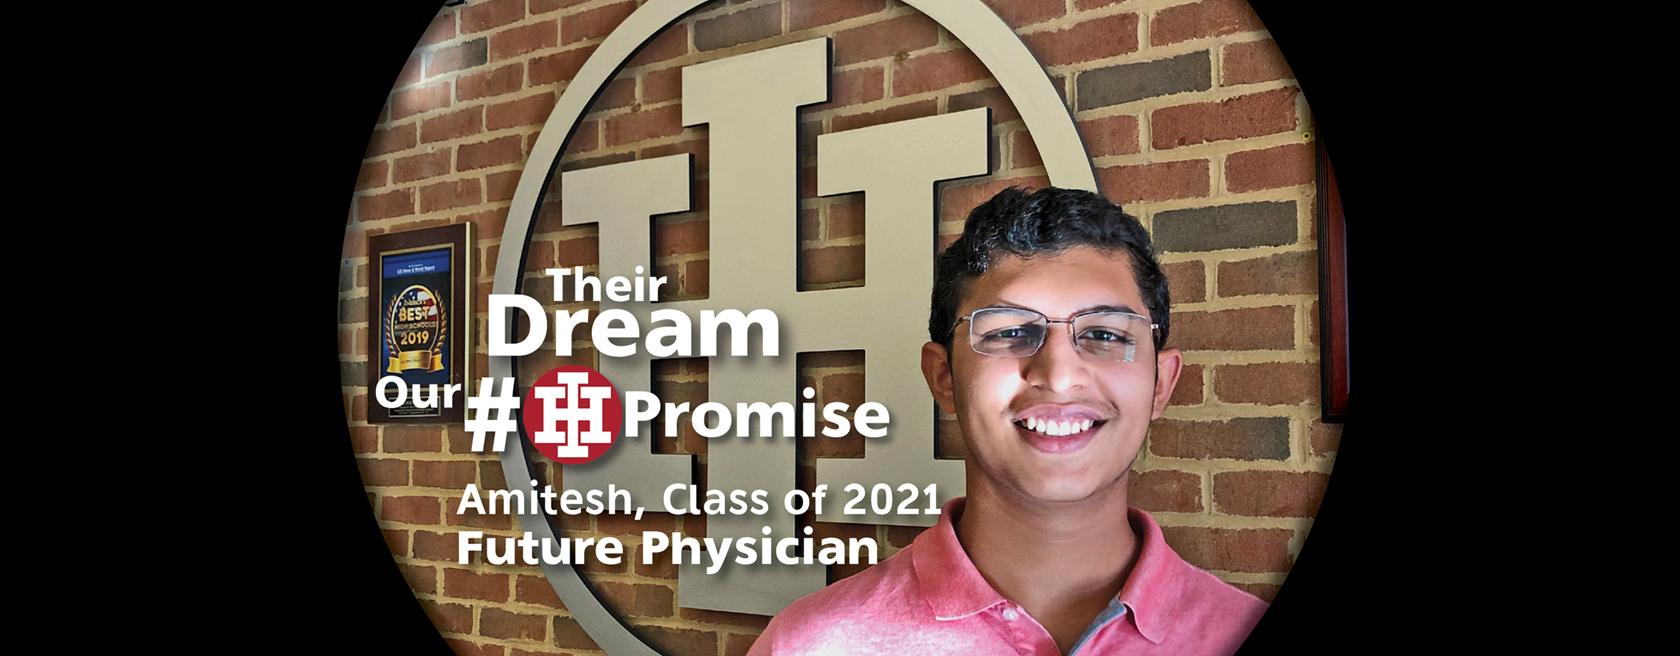 IHHS Student Amitesh